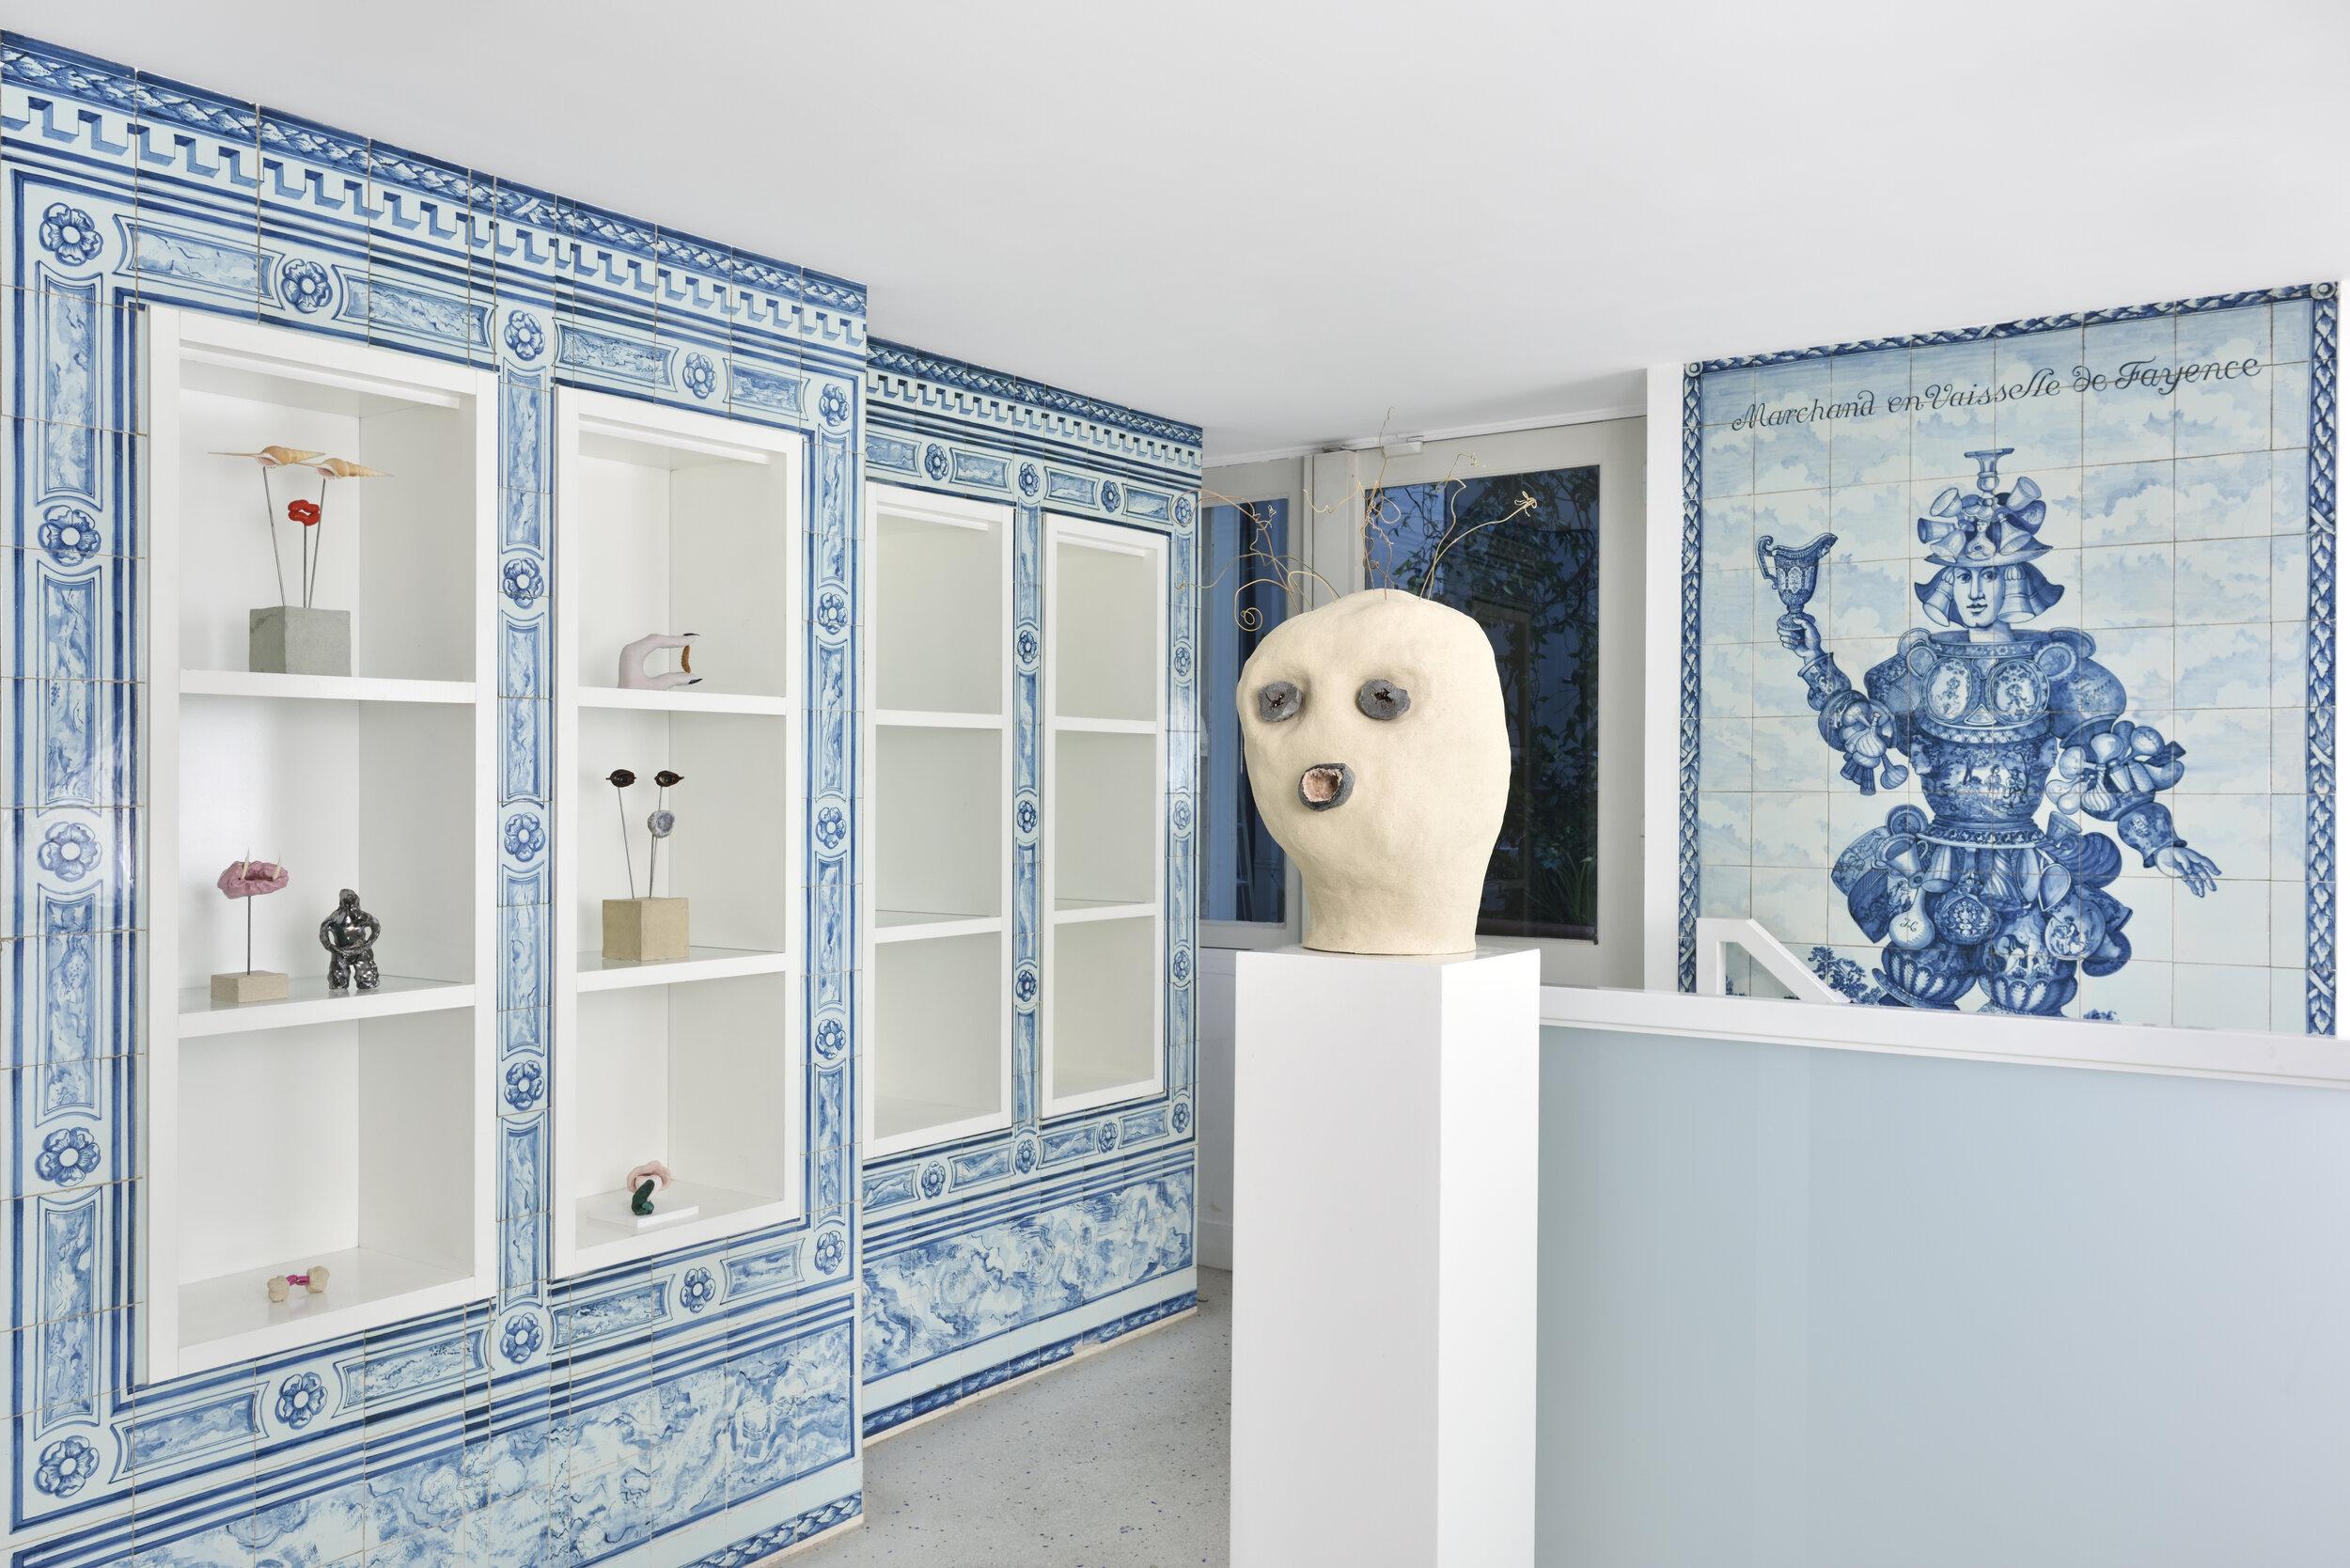 Crédit Photo Rebecca Fanuele  Courtesy Galerie Lefebvre & Fils, Katarzyna Przezwanska & Galerie Dawid Radziszewski